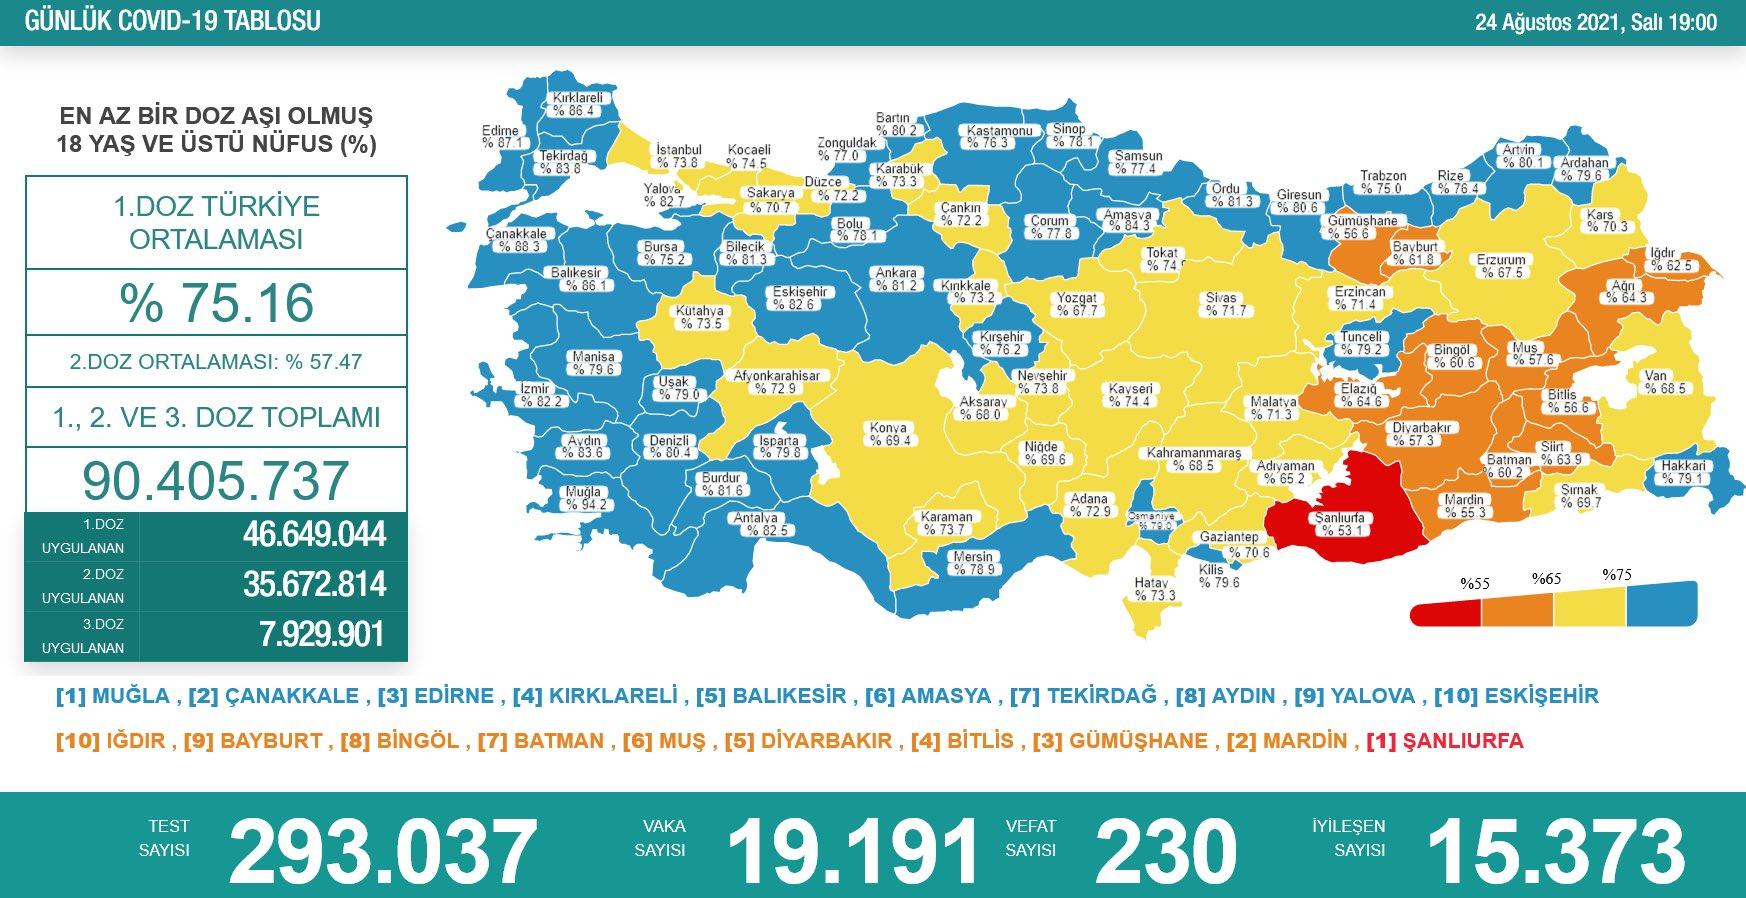 24 Ağustos 2021 Türkiye Koronavirüs Tablosu Açıkladı